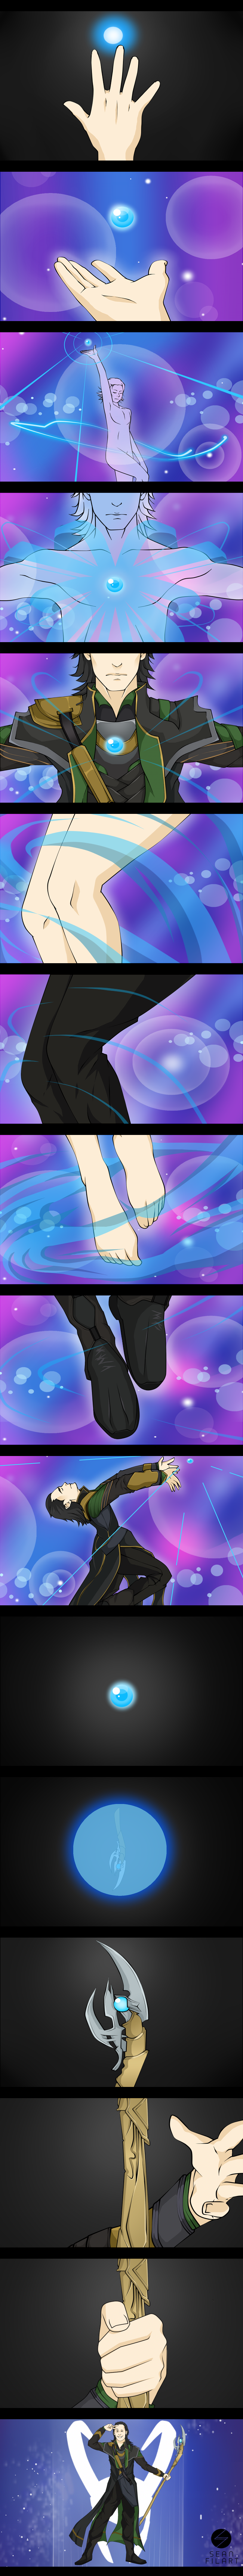 Sailor Loki, The Mahou Shoujo of Mischief by darthfilart